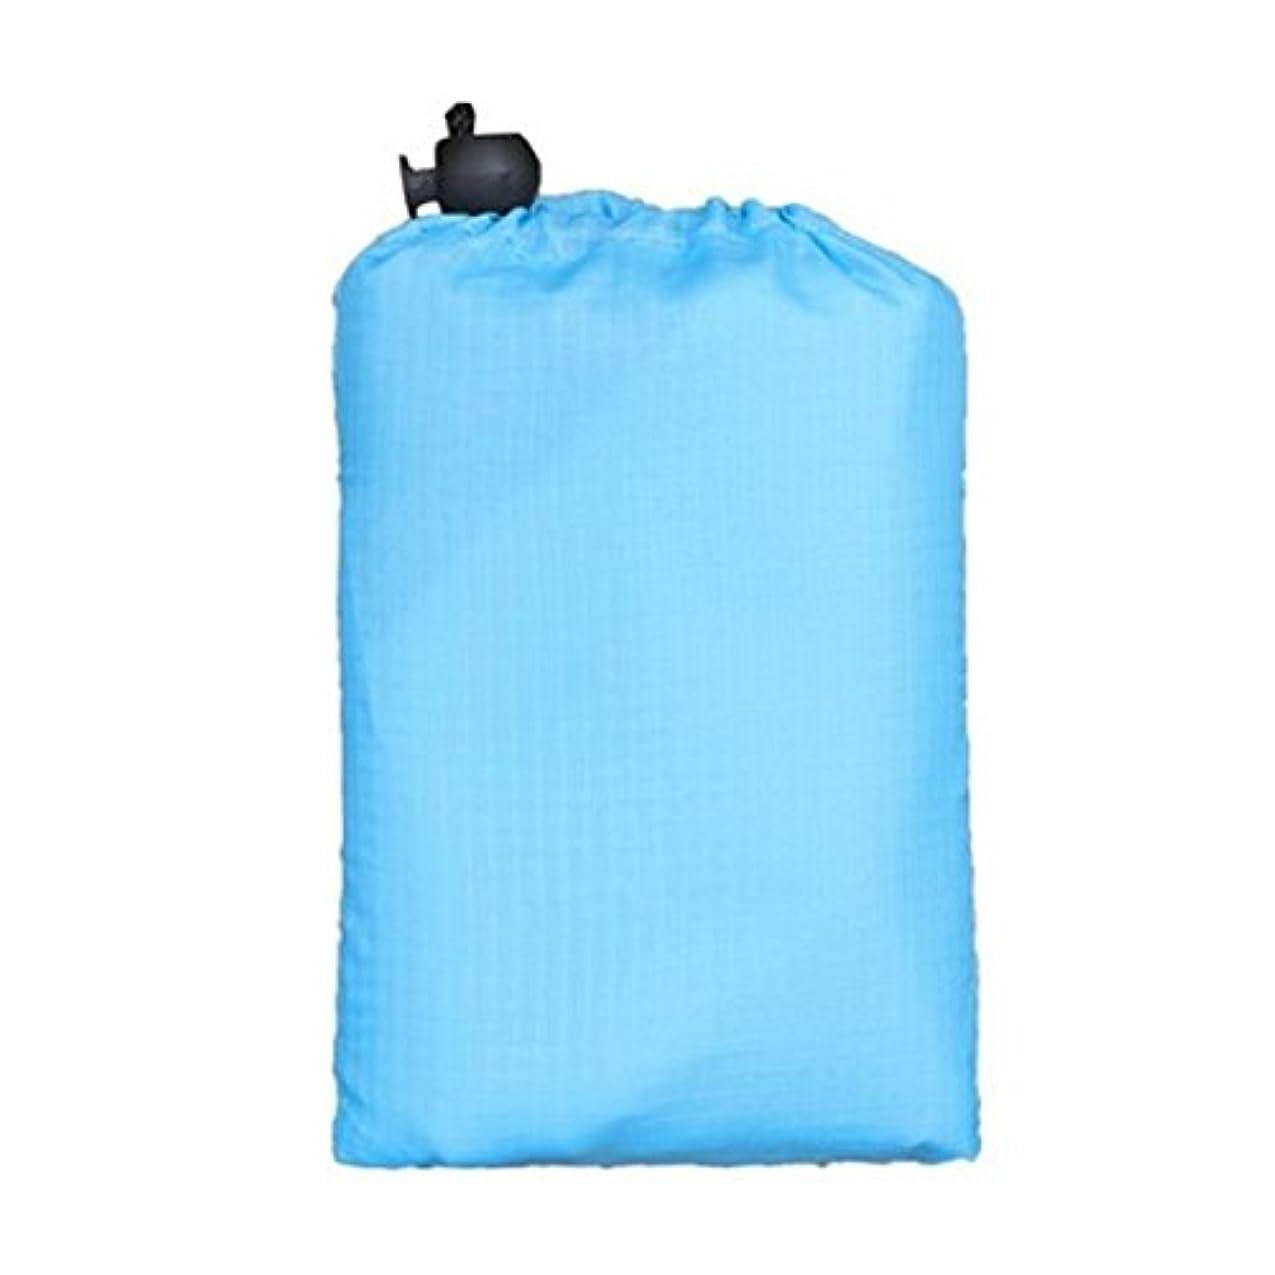 定説かき混ぜる学士uniq-ssレジャーシート·ピクニックマット 防水 軽量 折り畳み ポータブル、 シェード布屋外のキャンプ、お花見?ピクニック?運動会?遠足?花火大会、